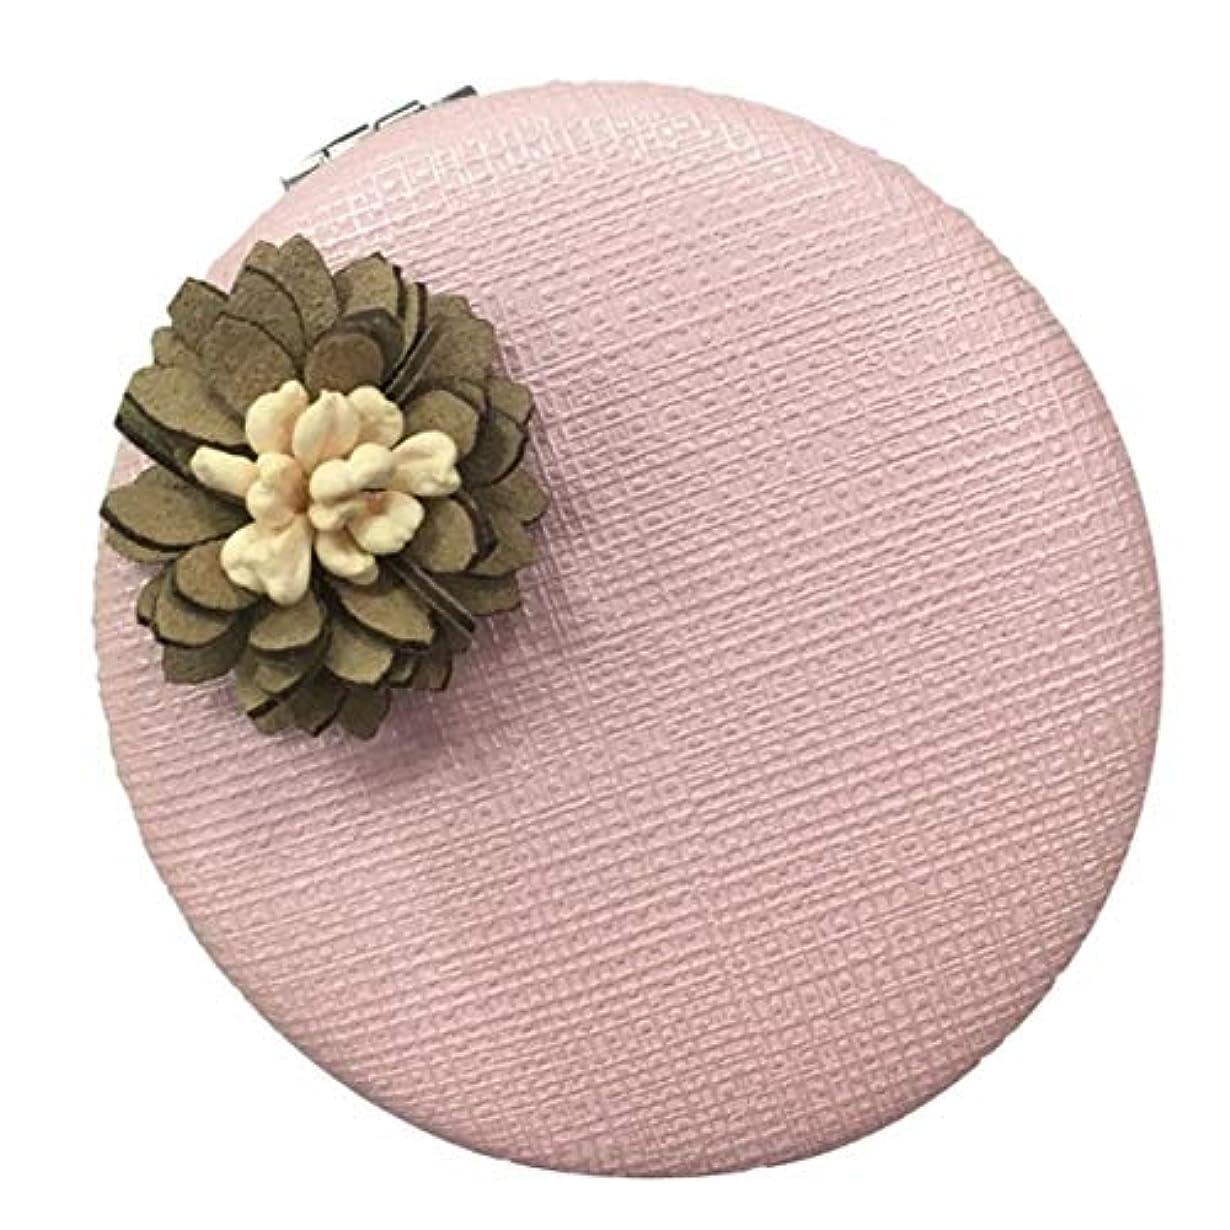 ぞっとするような鳩キャッシュRecca 化粧鏡 コンパクトミラー (色:ピンク) レディース 手鏡 ビューティ 折りたたみ 両面 携帯 メイク 丸型 花